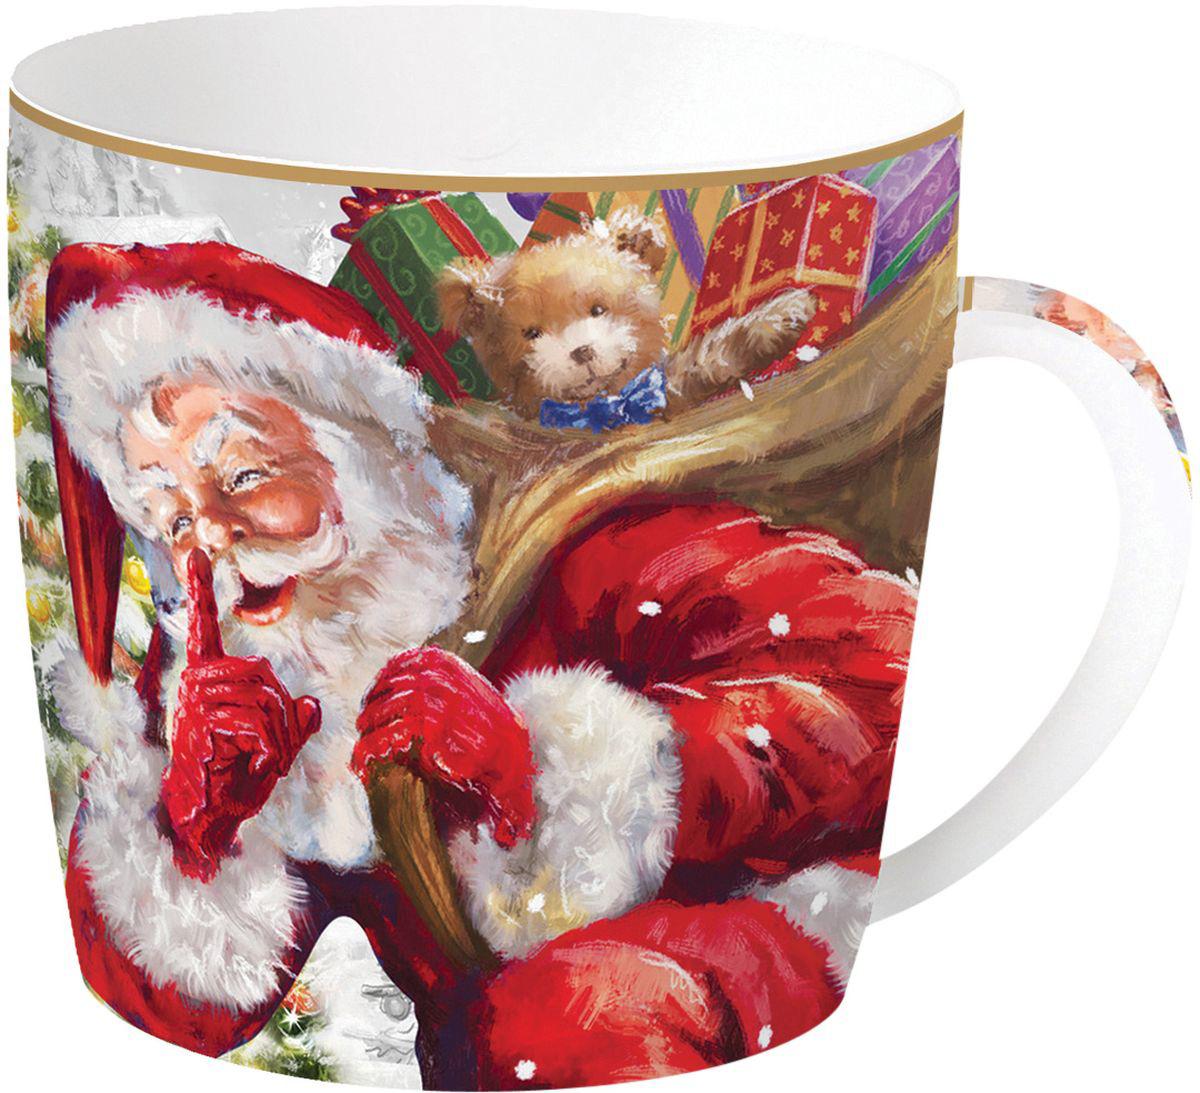 Кружка Easy Life Дед Мороз с мишкой, цвет: красный, 350 мл кружка nuova r2s милый друг 350 мл